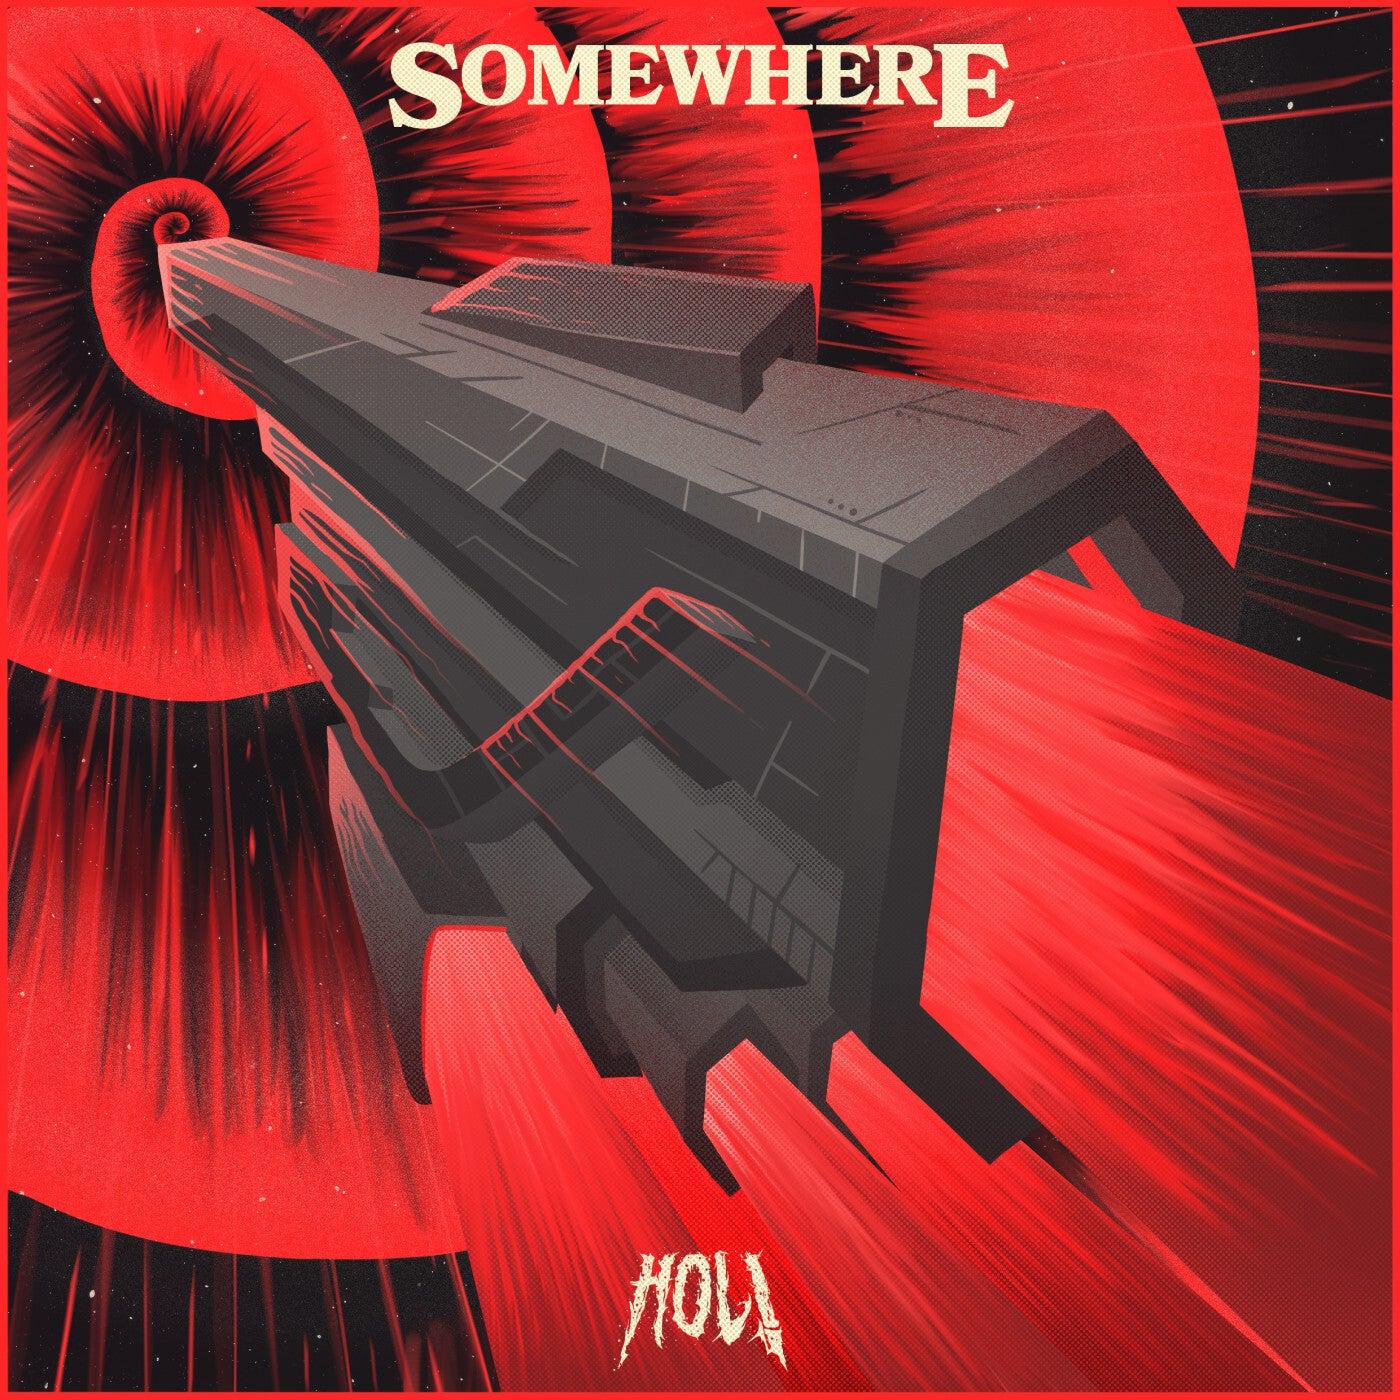 SOMEWHERE (Original Mix)